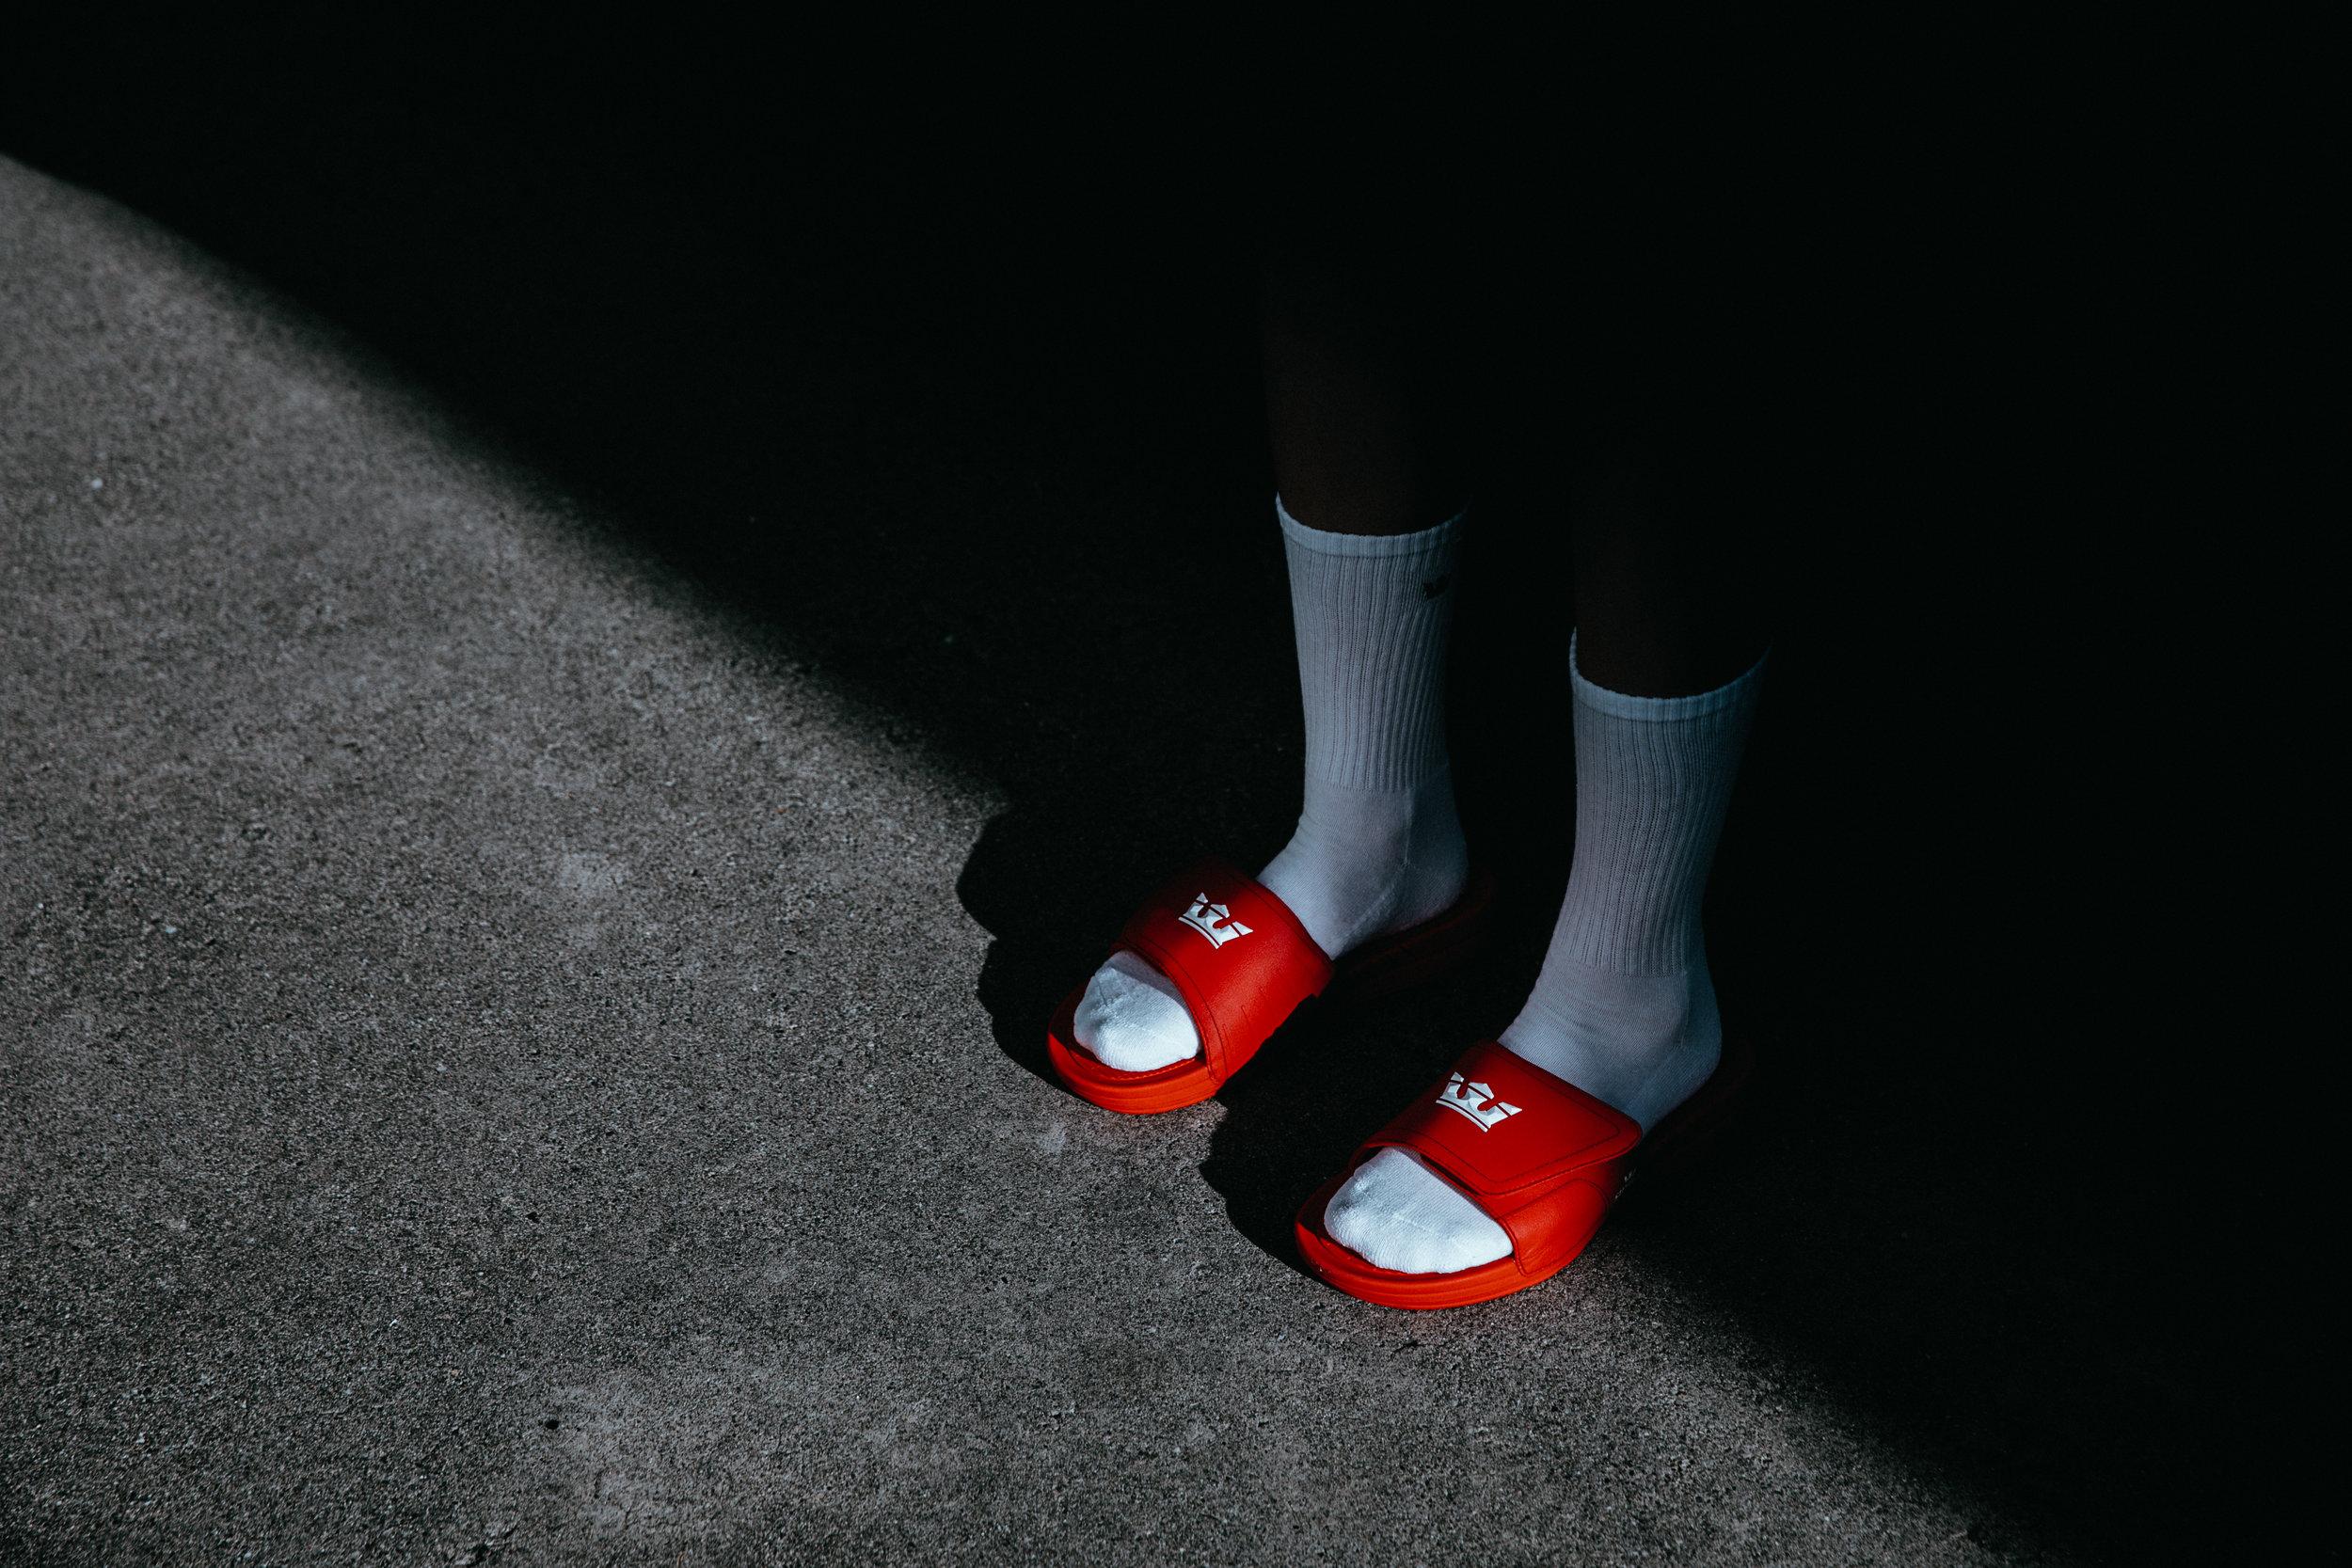 locker-red-21.jpg